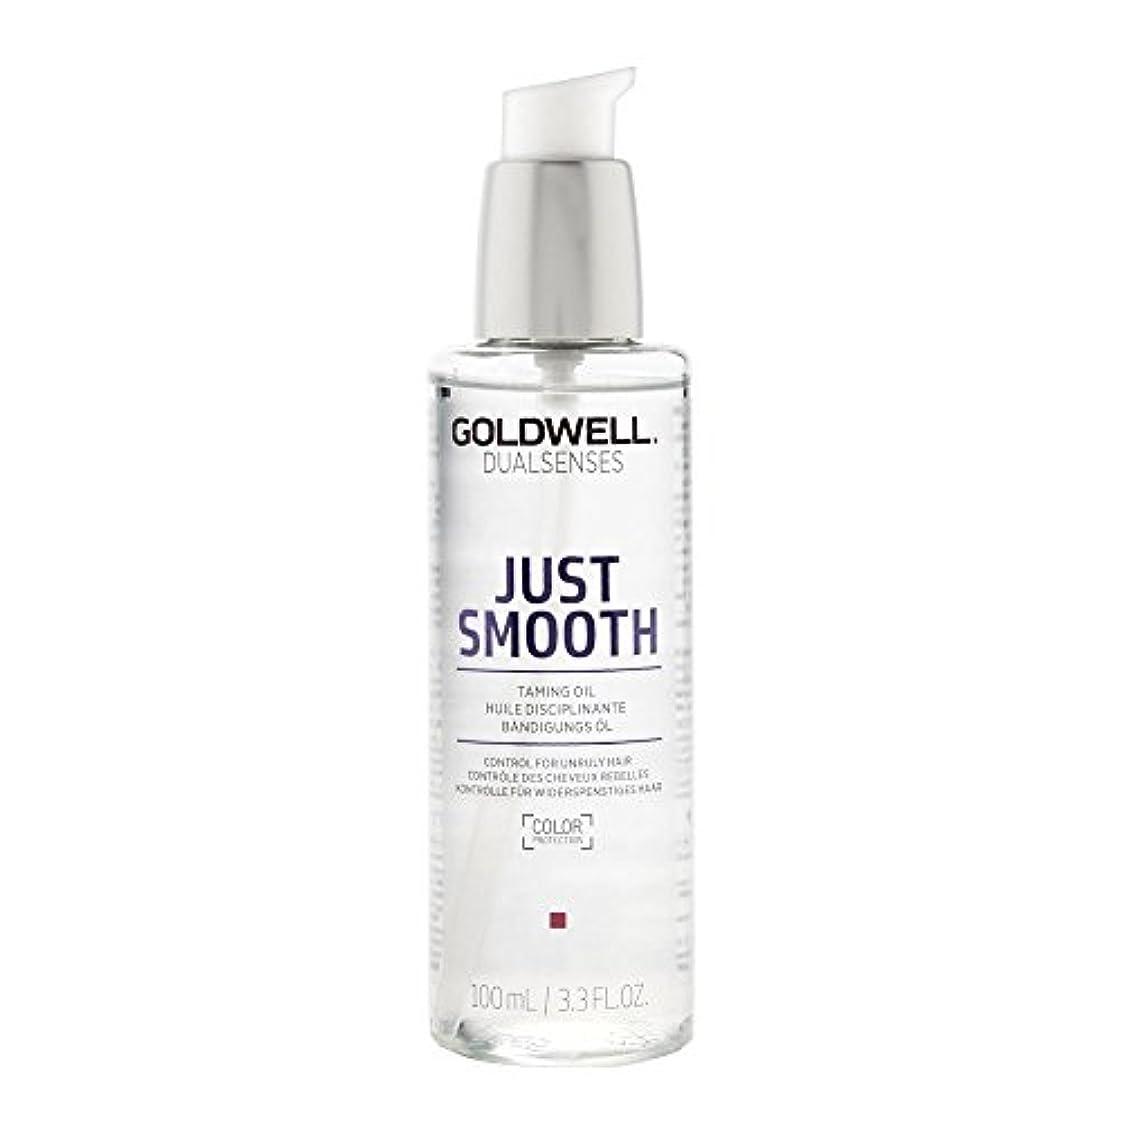 投票ポータブルもろいゴールドウェル Dual Senses Just Smooth Taming Oil (Control For Unruly Hair) 100ml/3.3oz並行輸入品